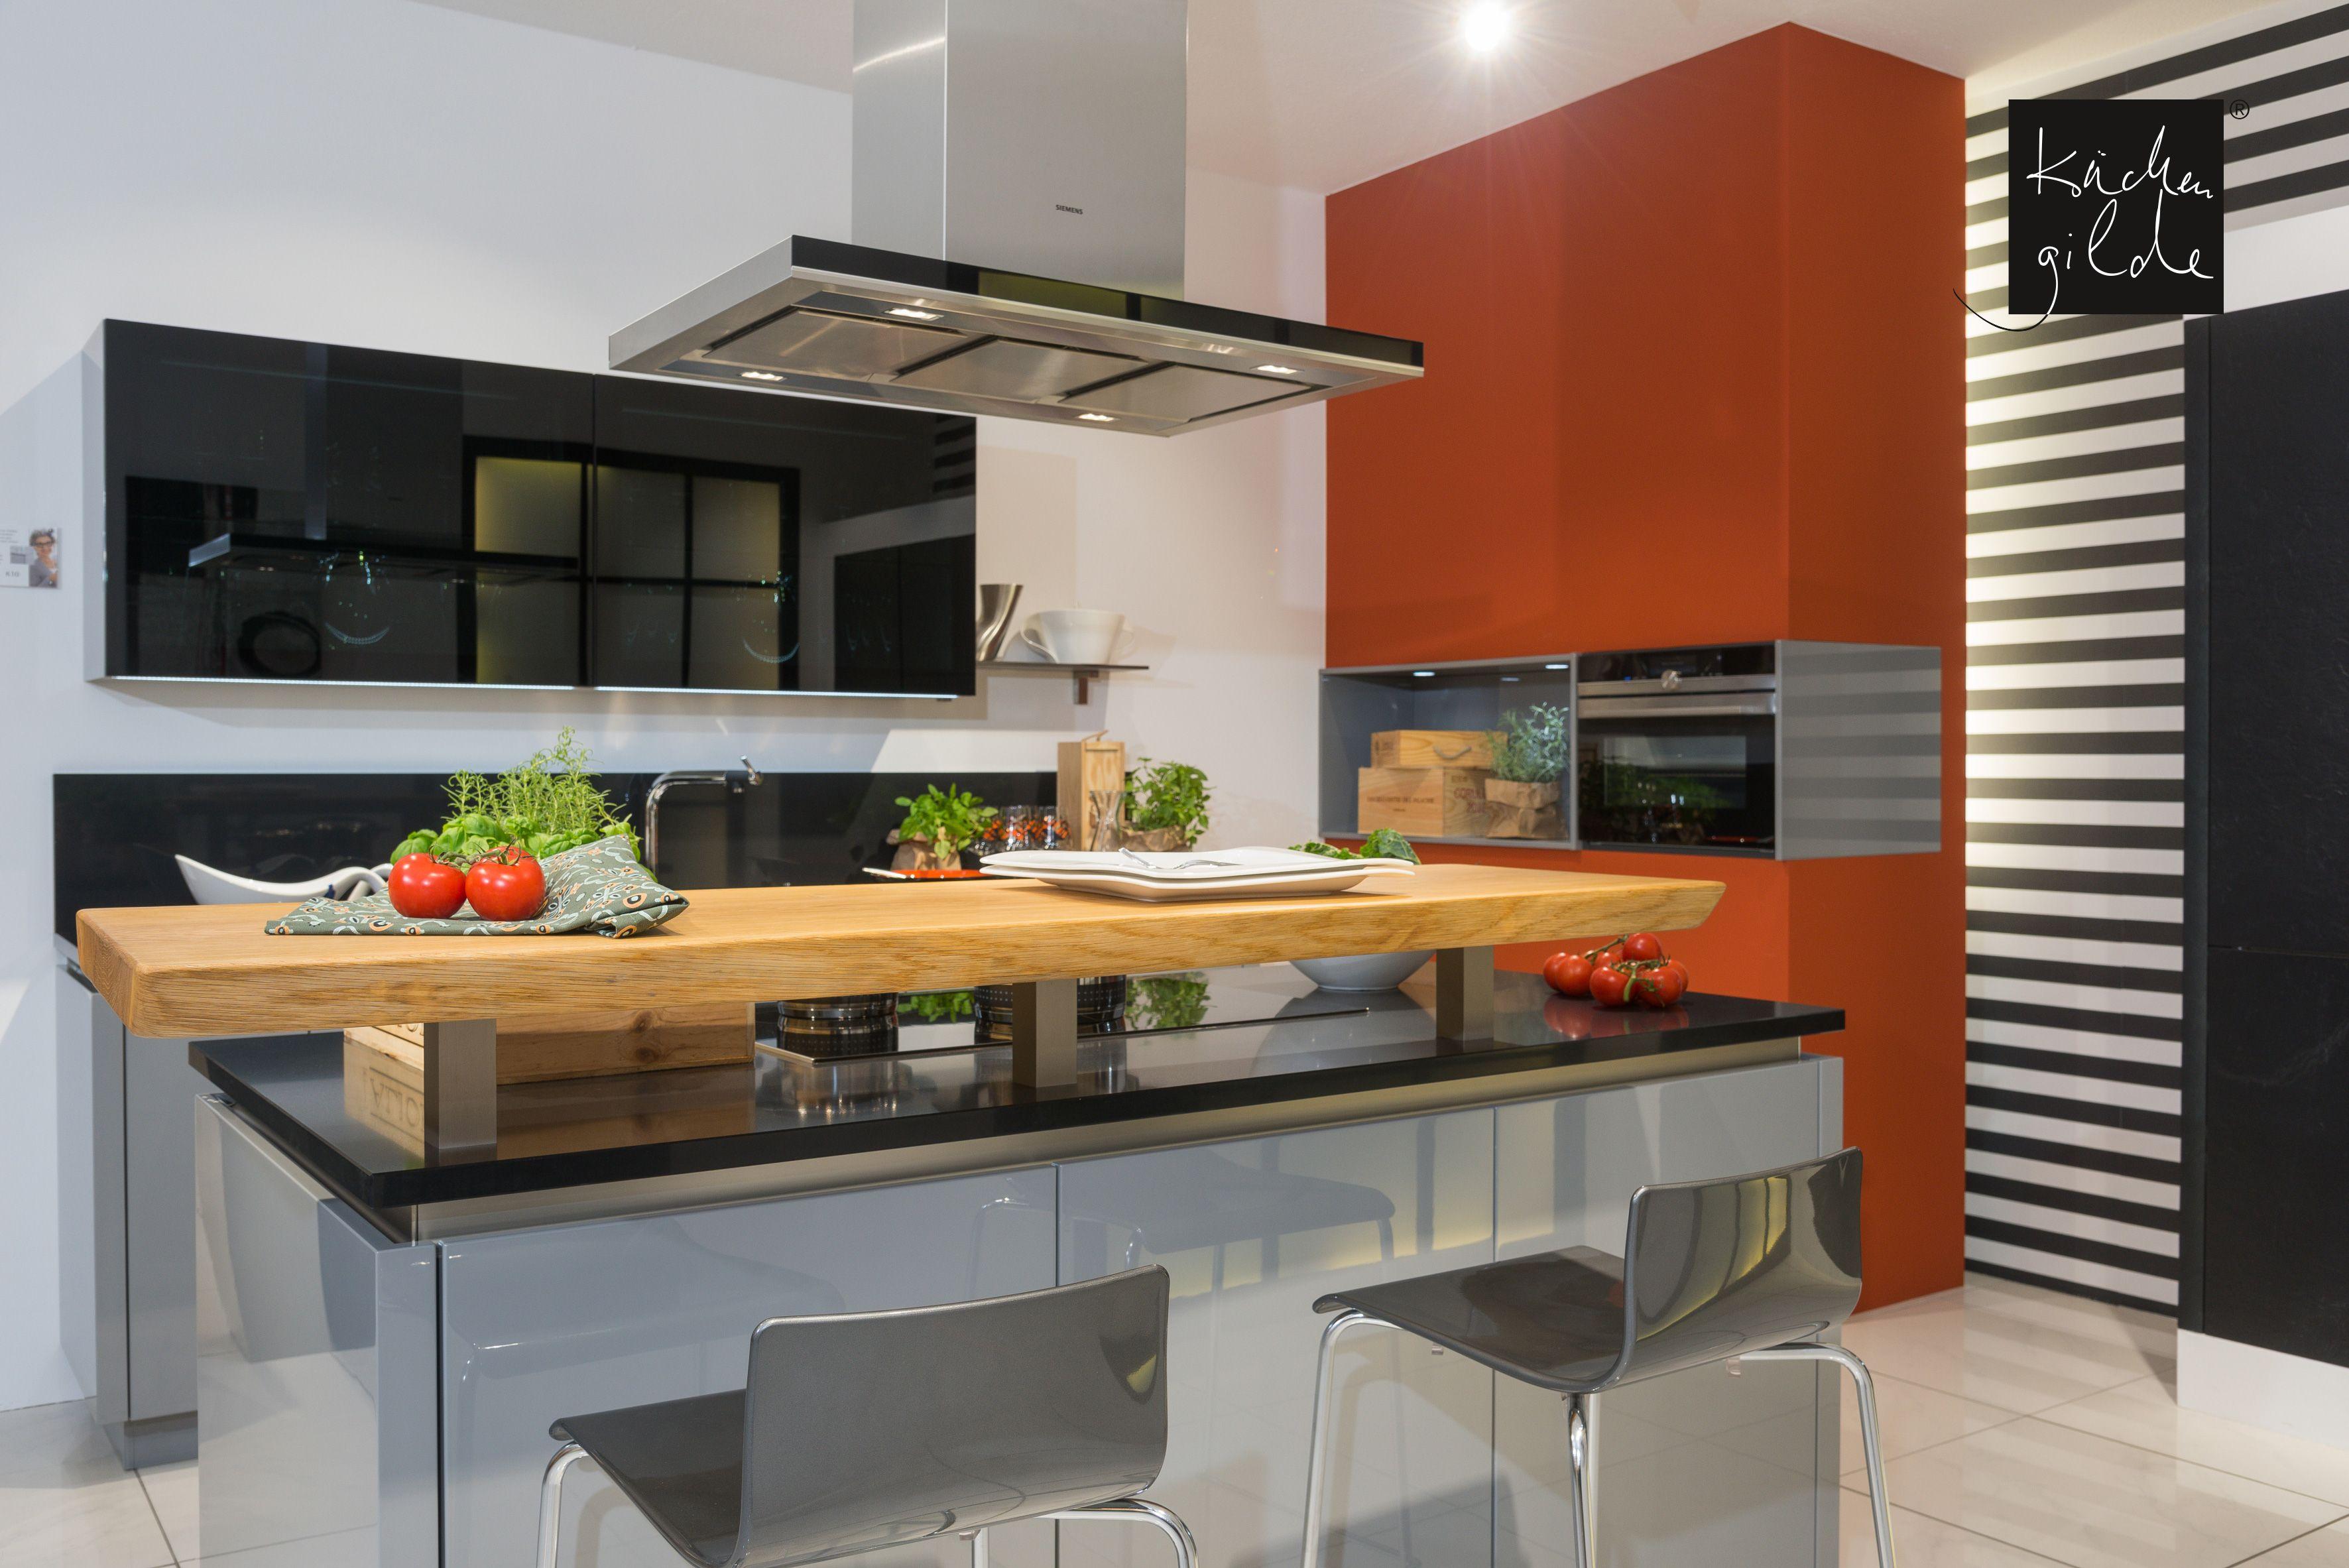 Moderne Kochinsel in Hochglanzoptik | Moderne Küchen | Pinterest